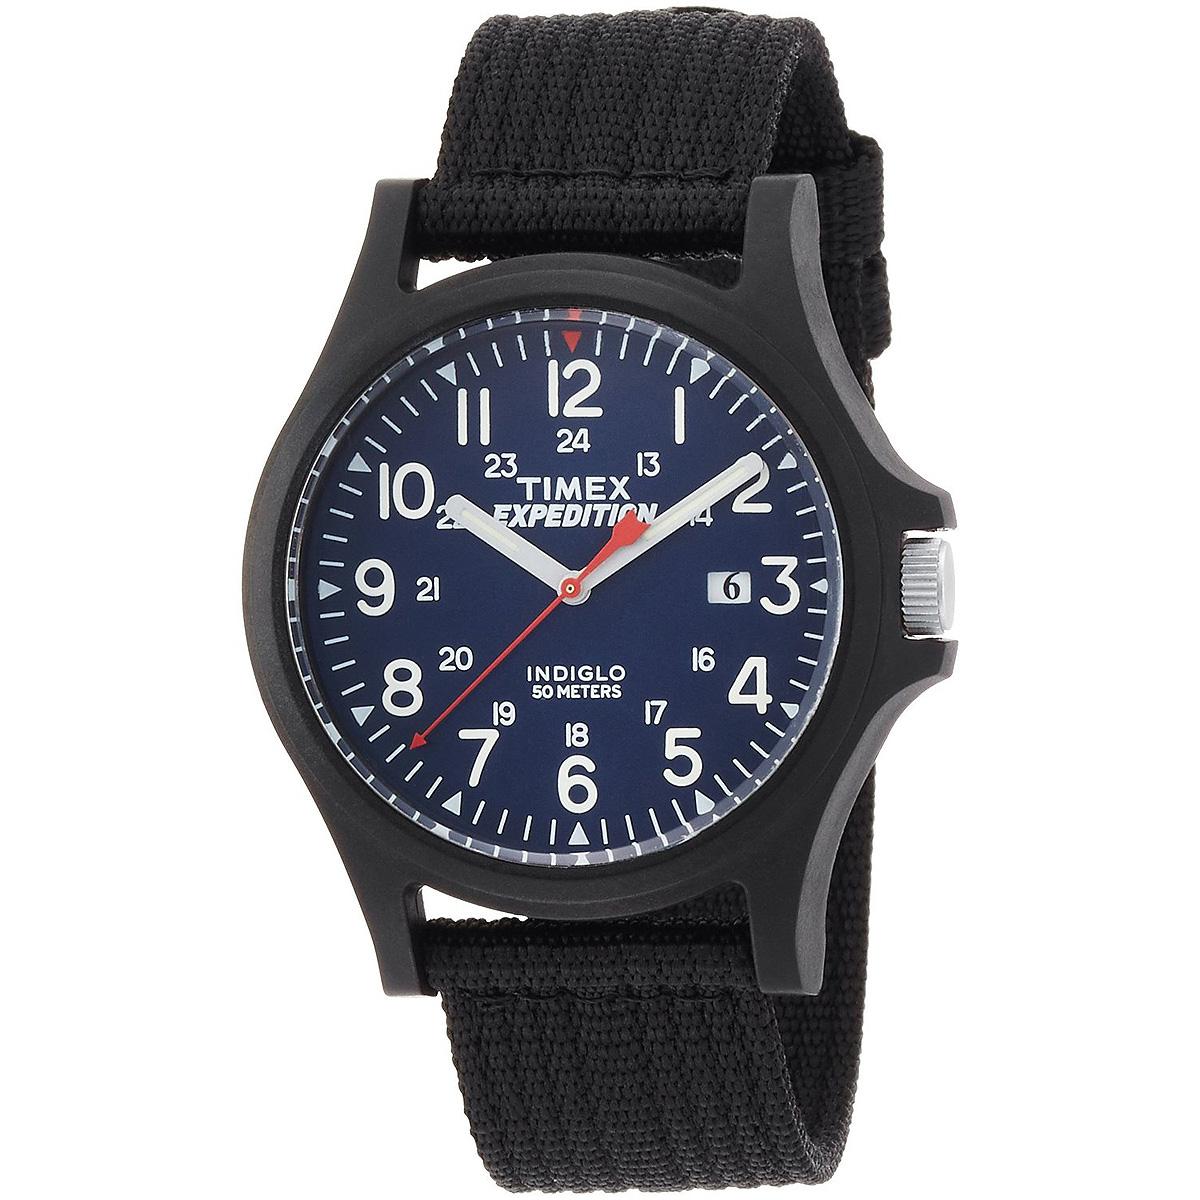 Наручные часы мужские Timex, цвет: черный. TW4999900TW4999900Облегченный дизайн, ремешок: нейлон, Ширина корпуса 40мм, Водозащита 5M, Подстветка INDIGLO®